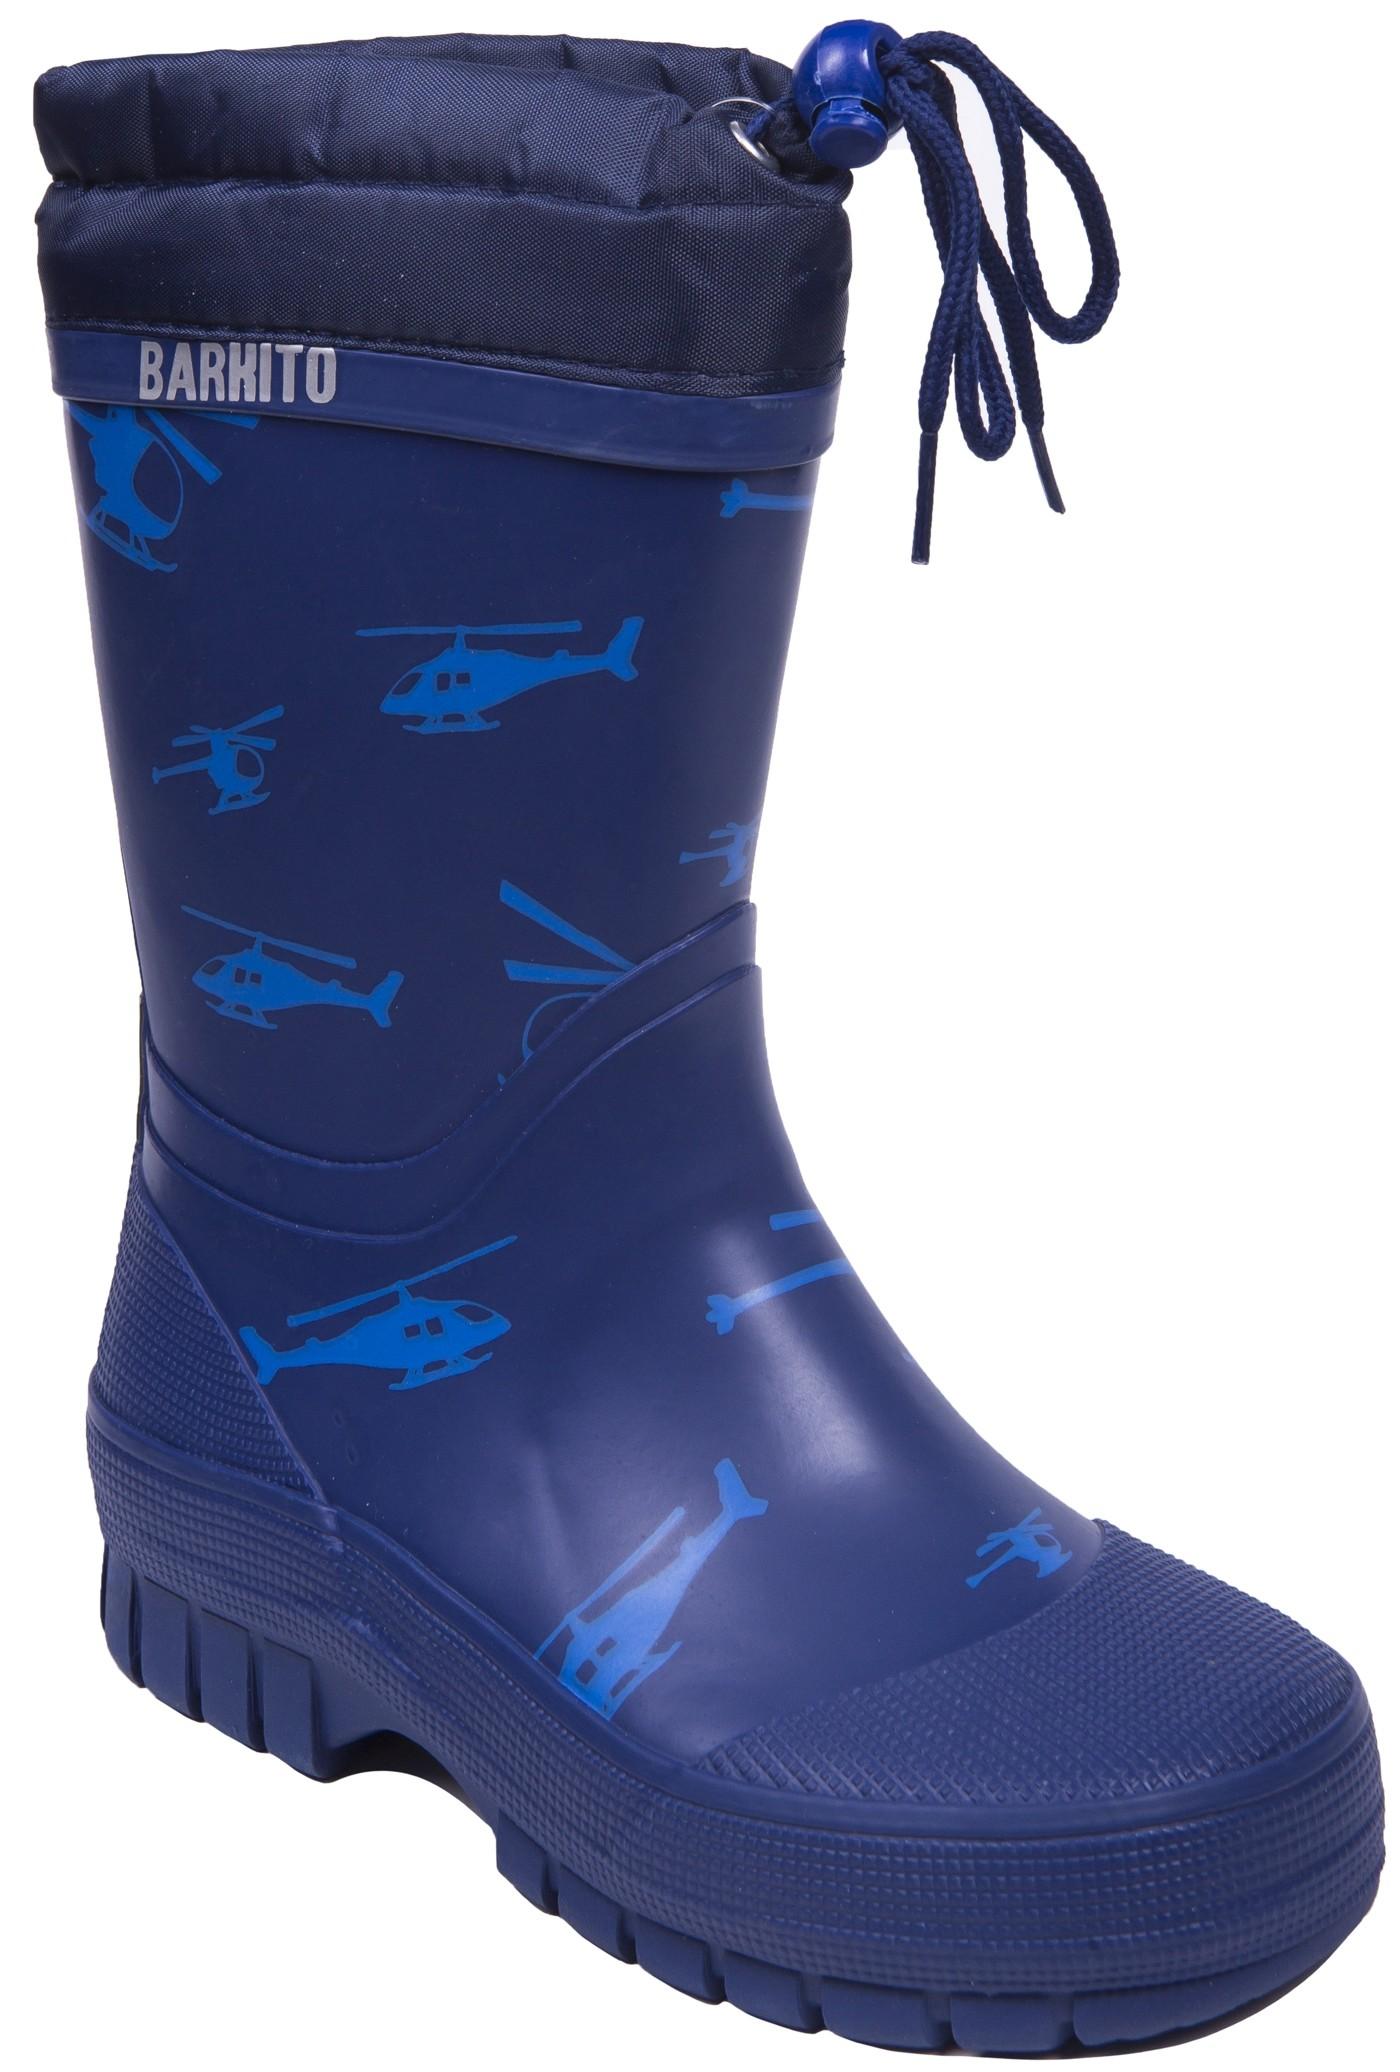 Фото - Резиновые сапоги Barkito Сапоги для мальчика Barkito, синие обувь на высокой платформе dkny